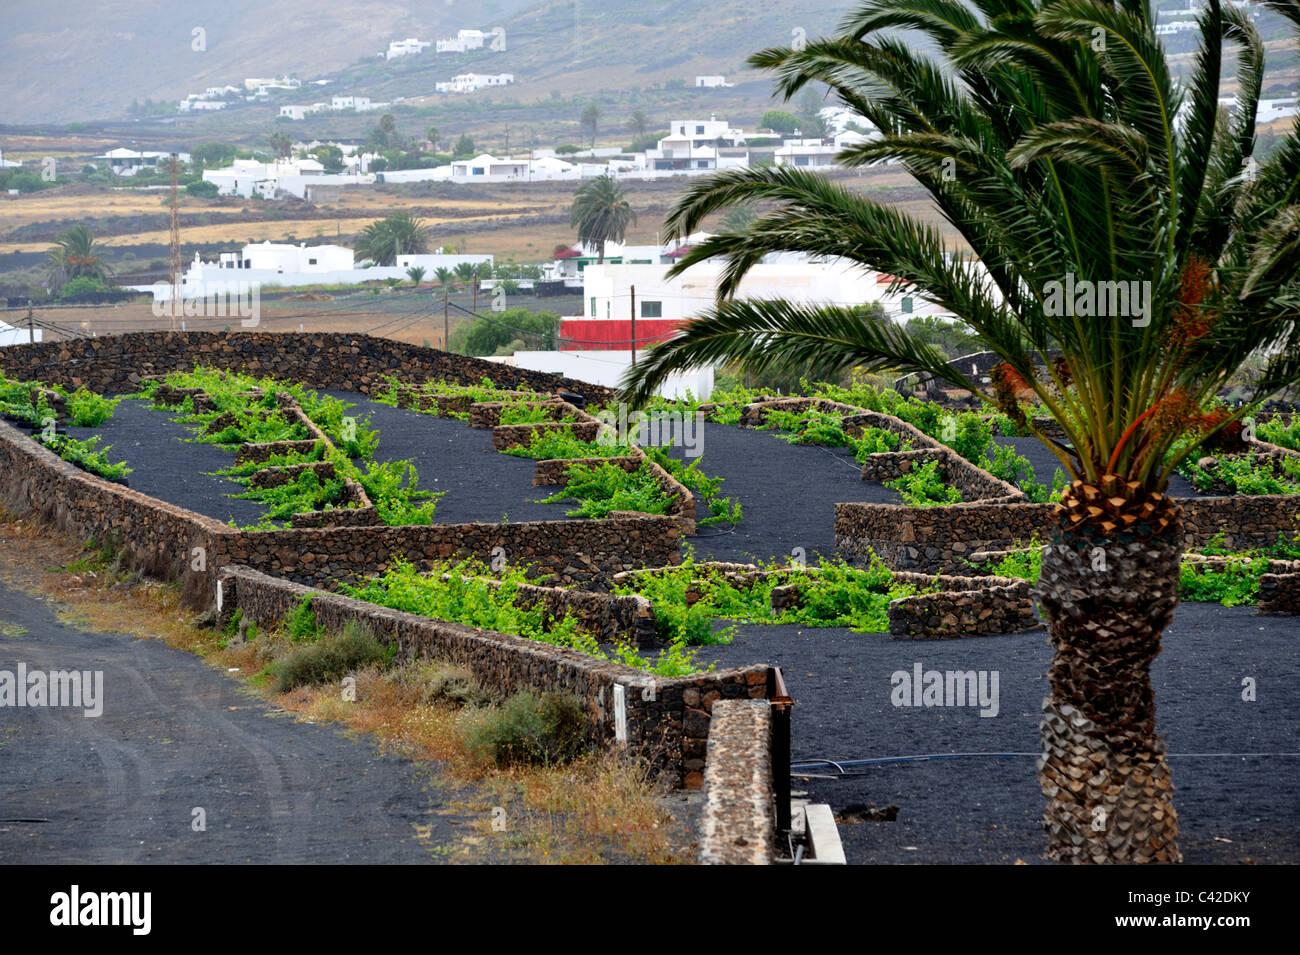 Wachsende Weinberge in der trockenen vulkanischen Klima Lanzarotes mit Steinmauer, Pflanzen zu schützen. Außen Stockbild